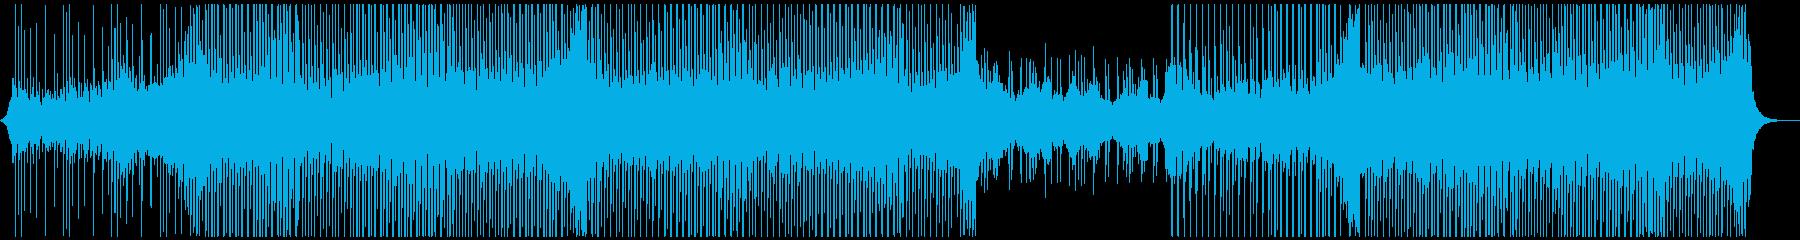 旅行音楽の再生済みの波形